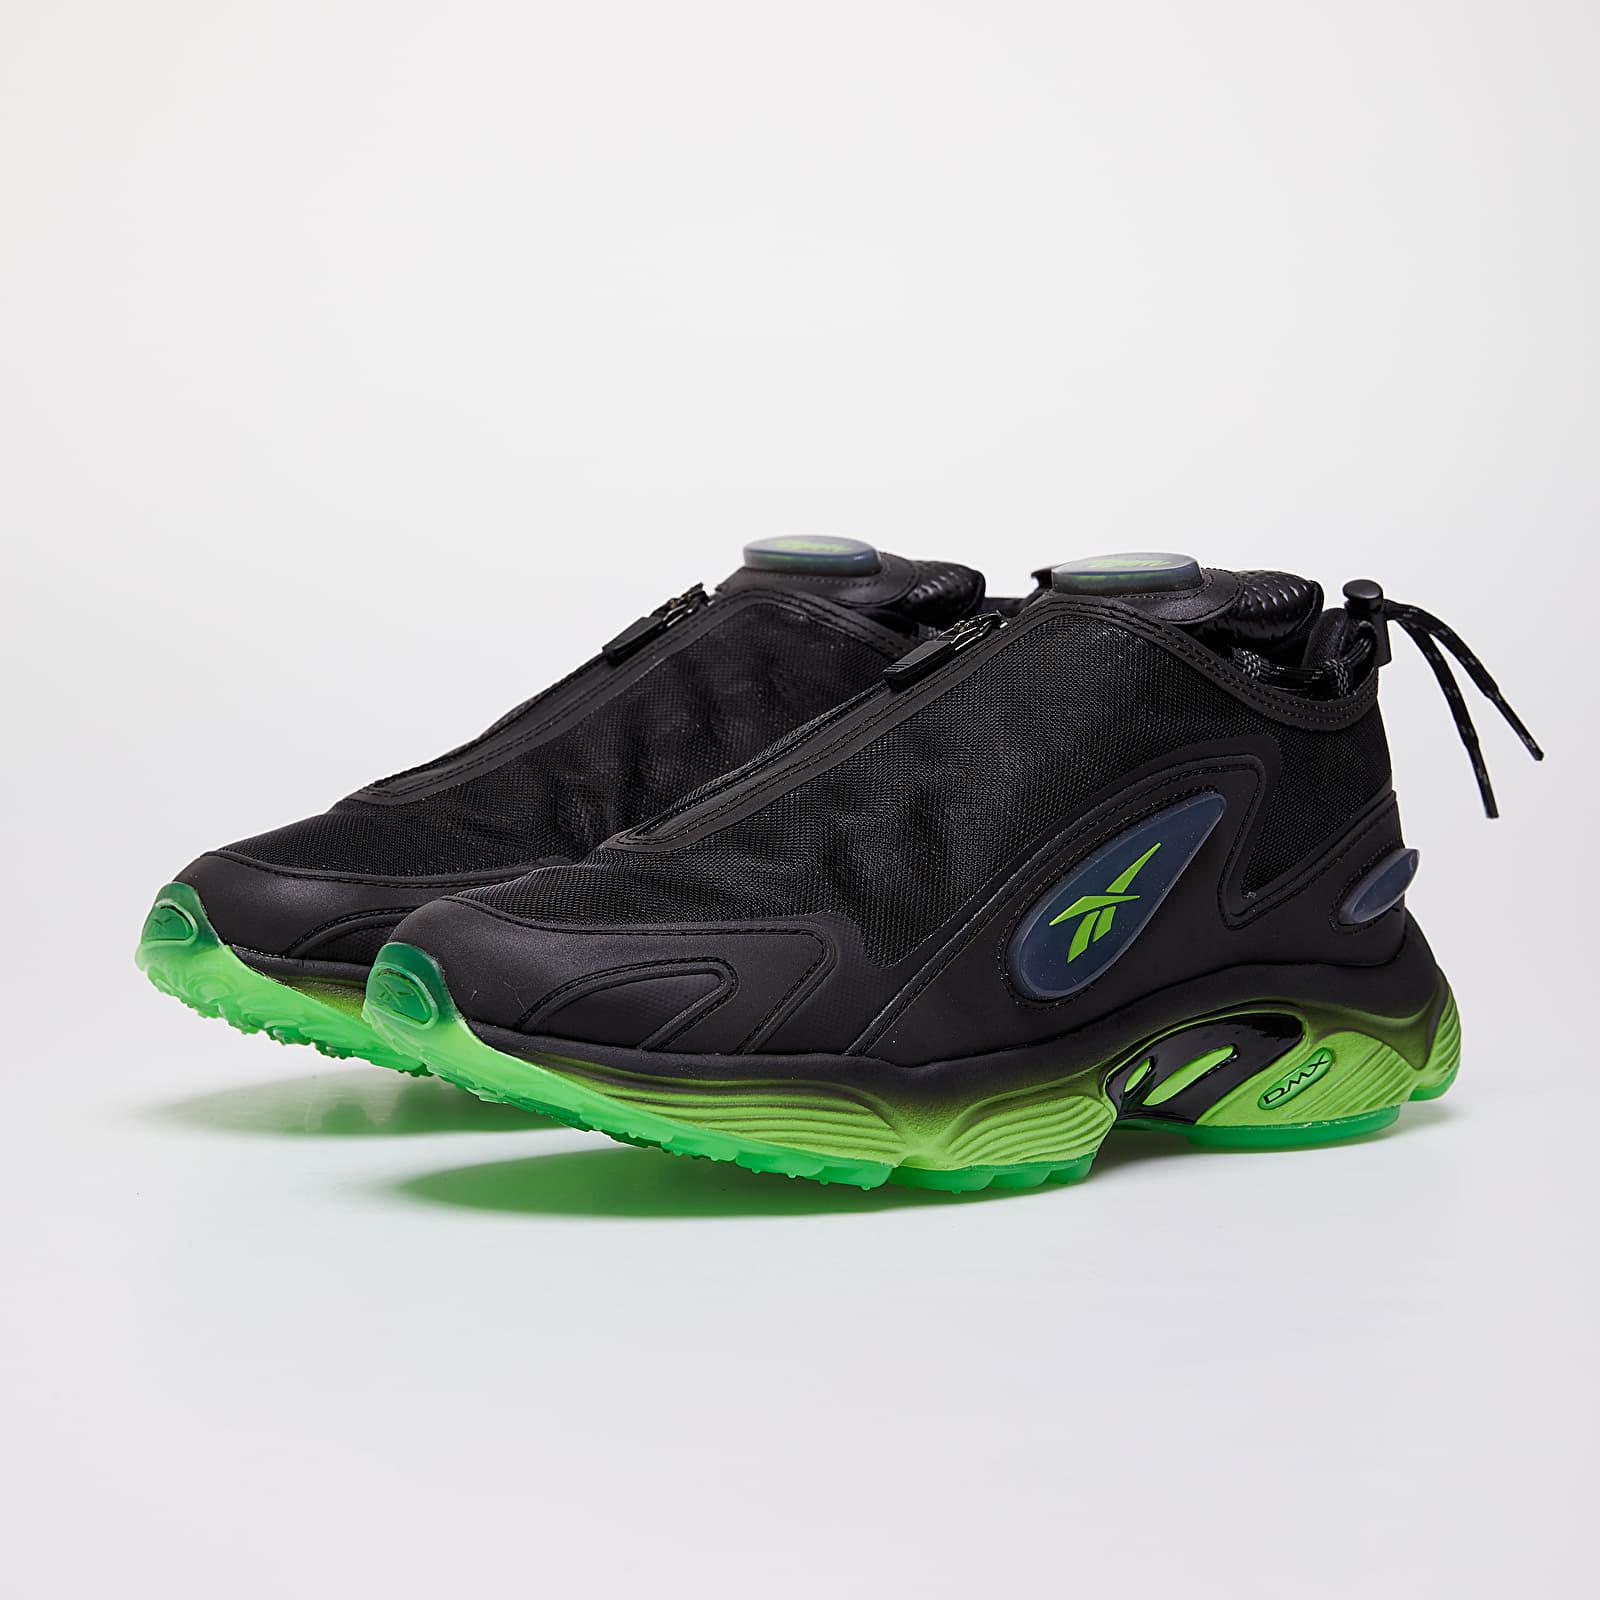 shoes Reebok x MISBHV Daytona DMX Black